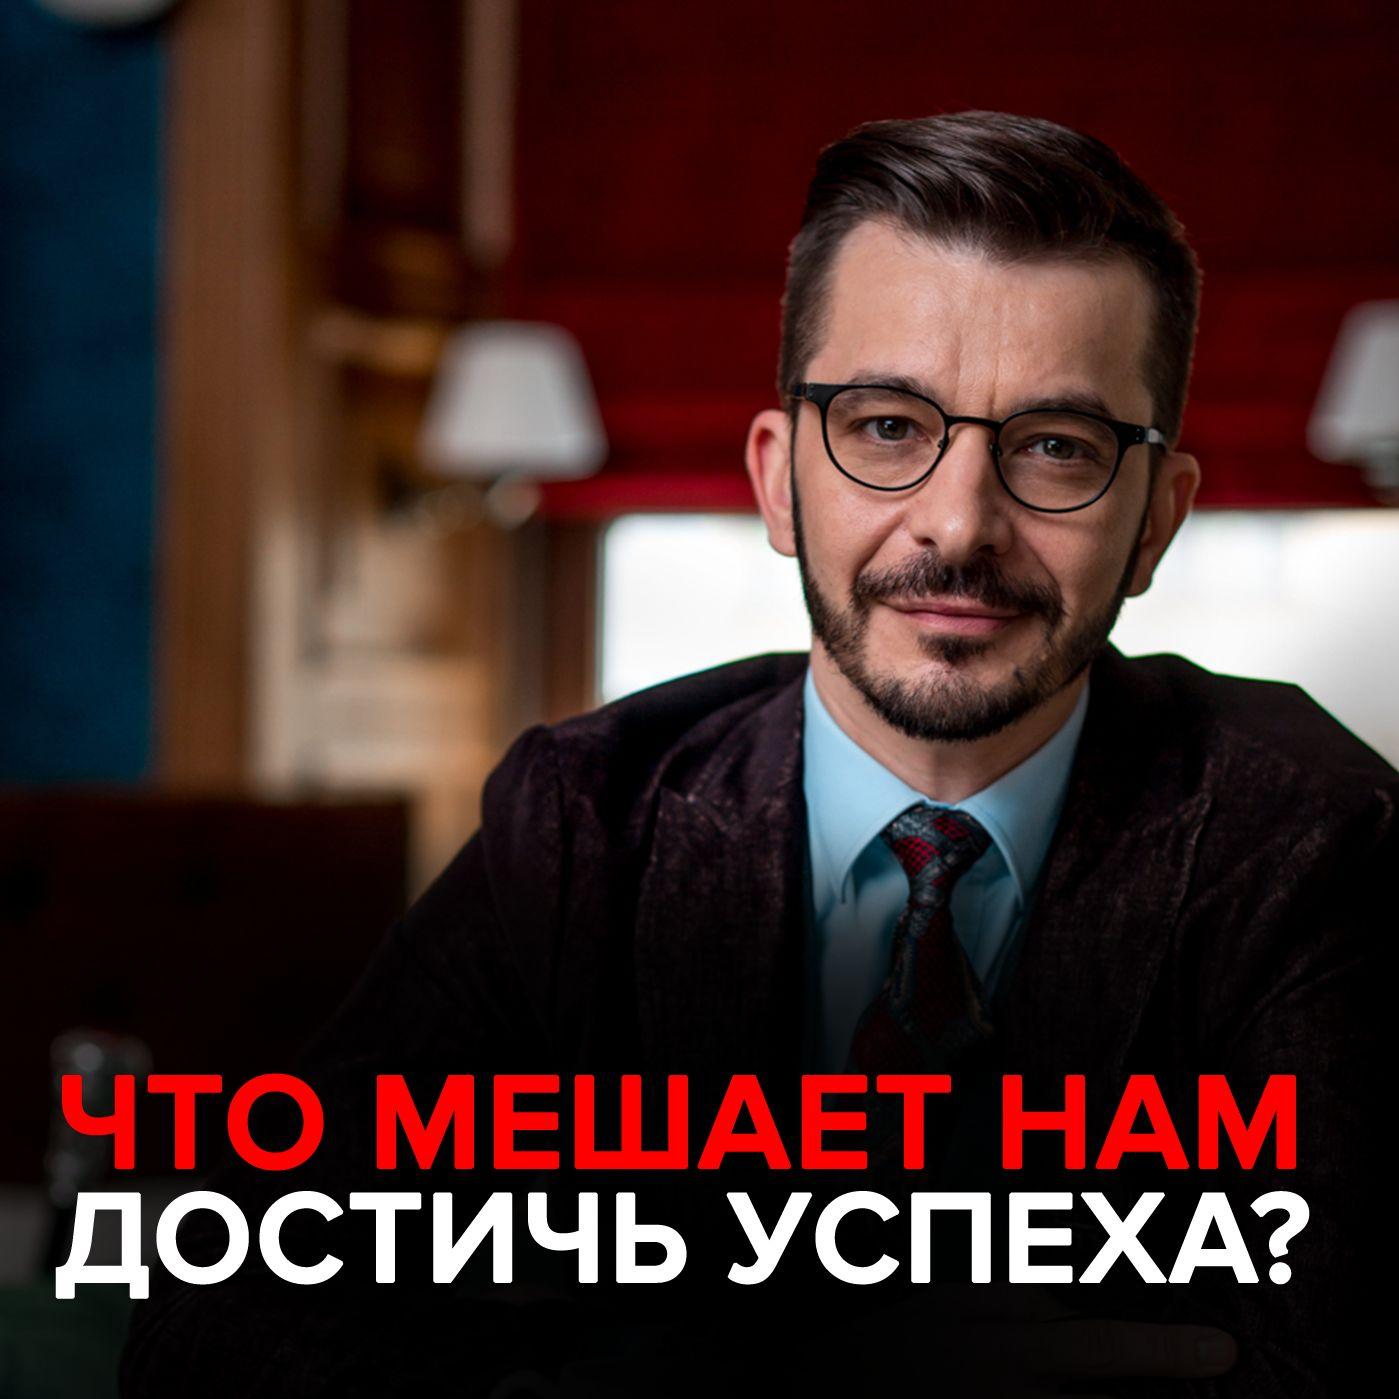 Андрей Курпатов Что мешает нам достичь успеха?